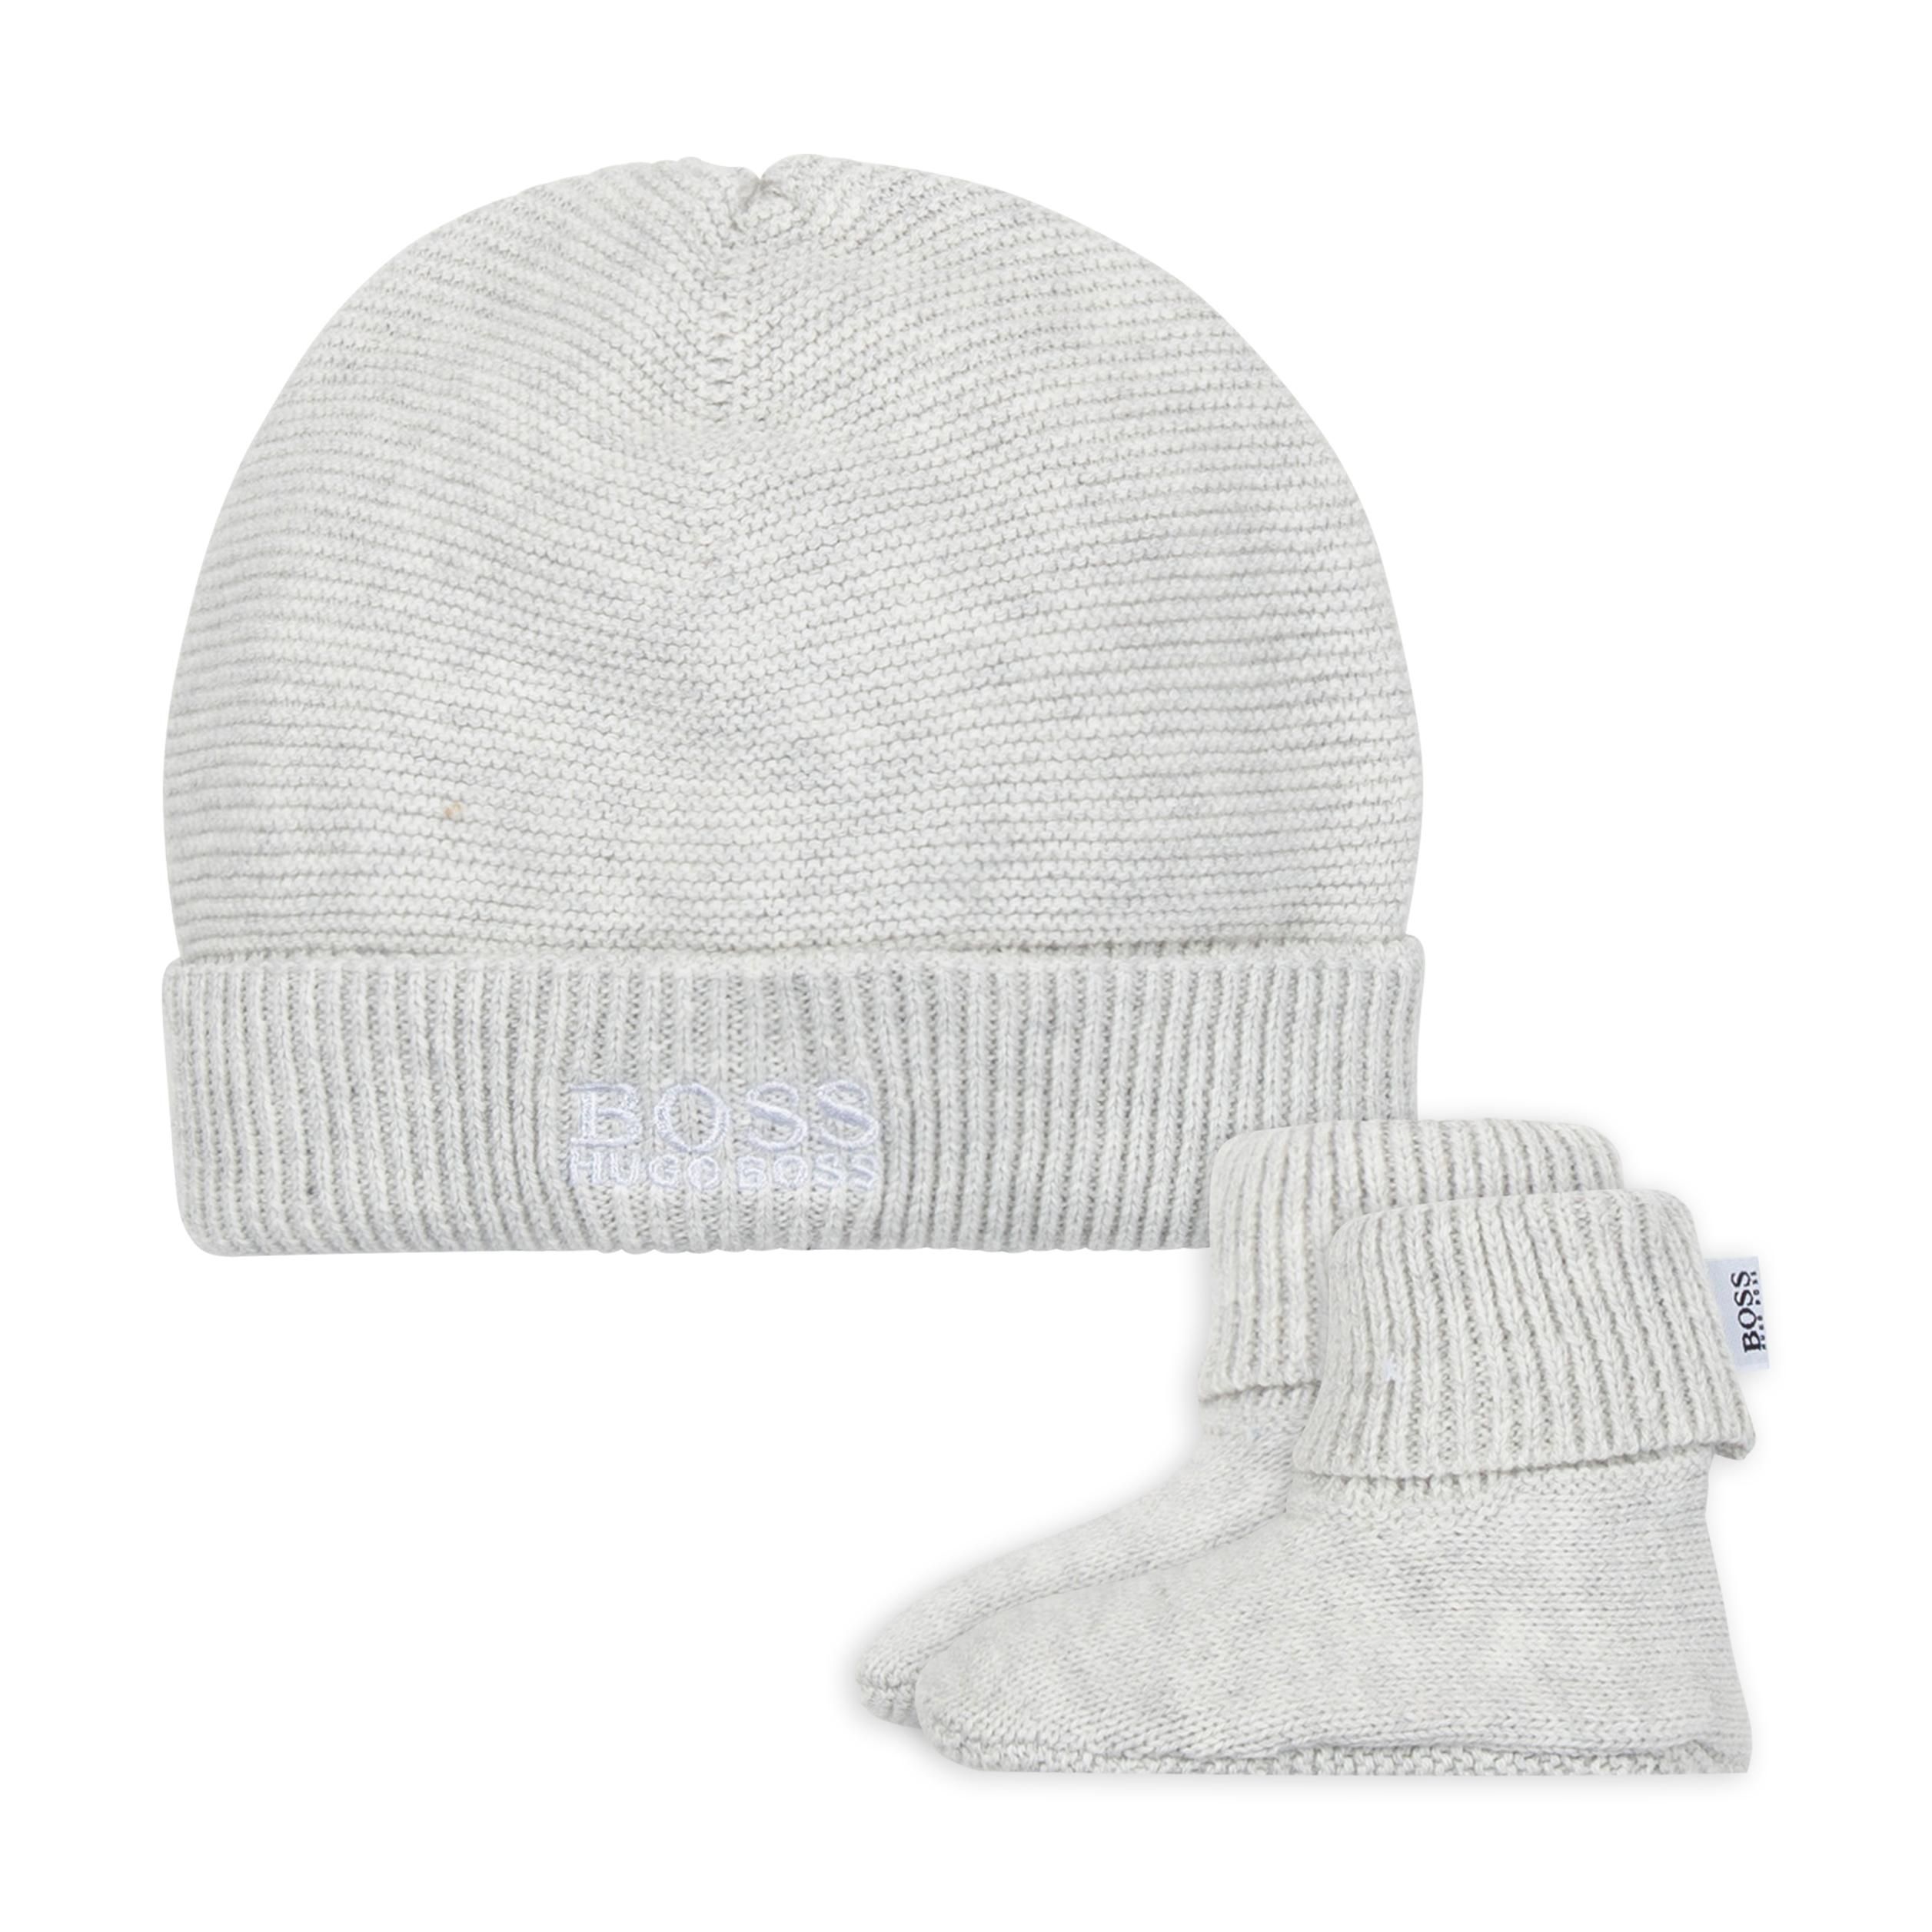 PULL ON HAT+SLIPPERS BOSS for UNISEX